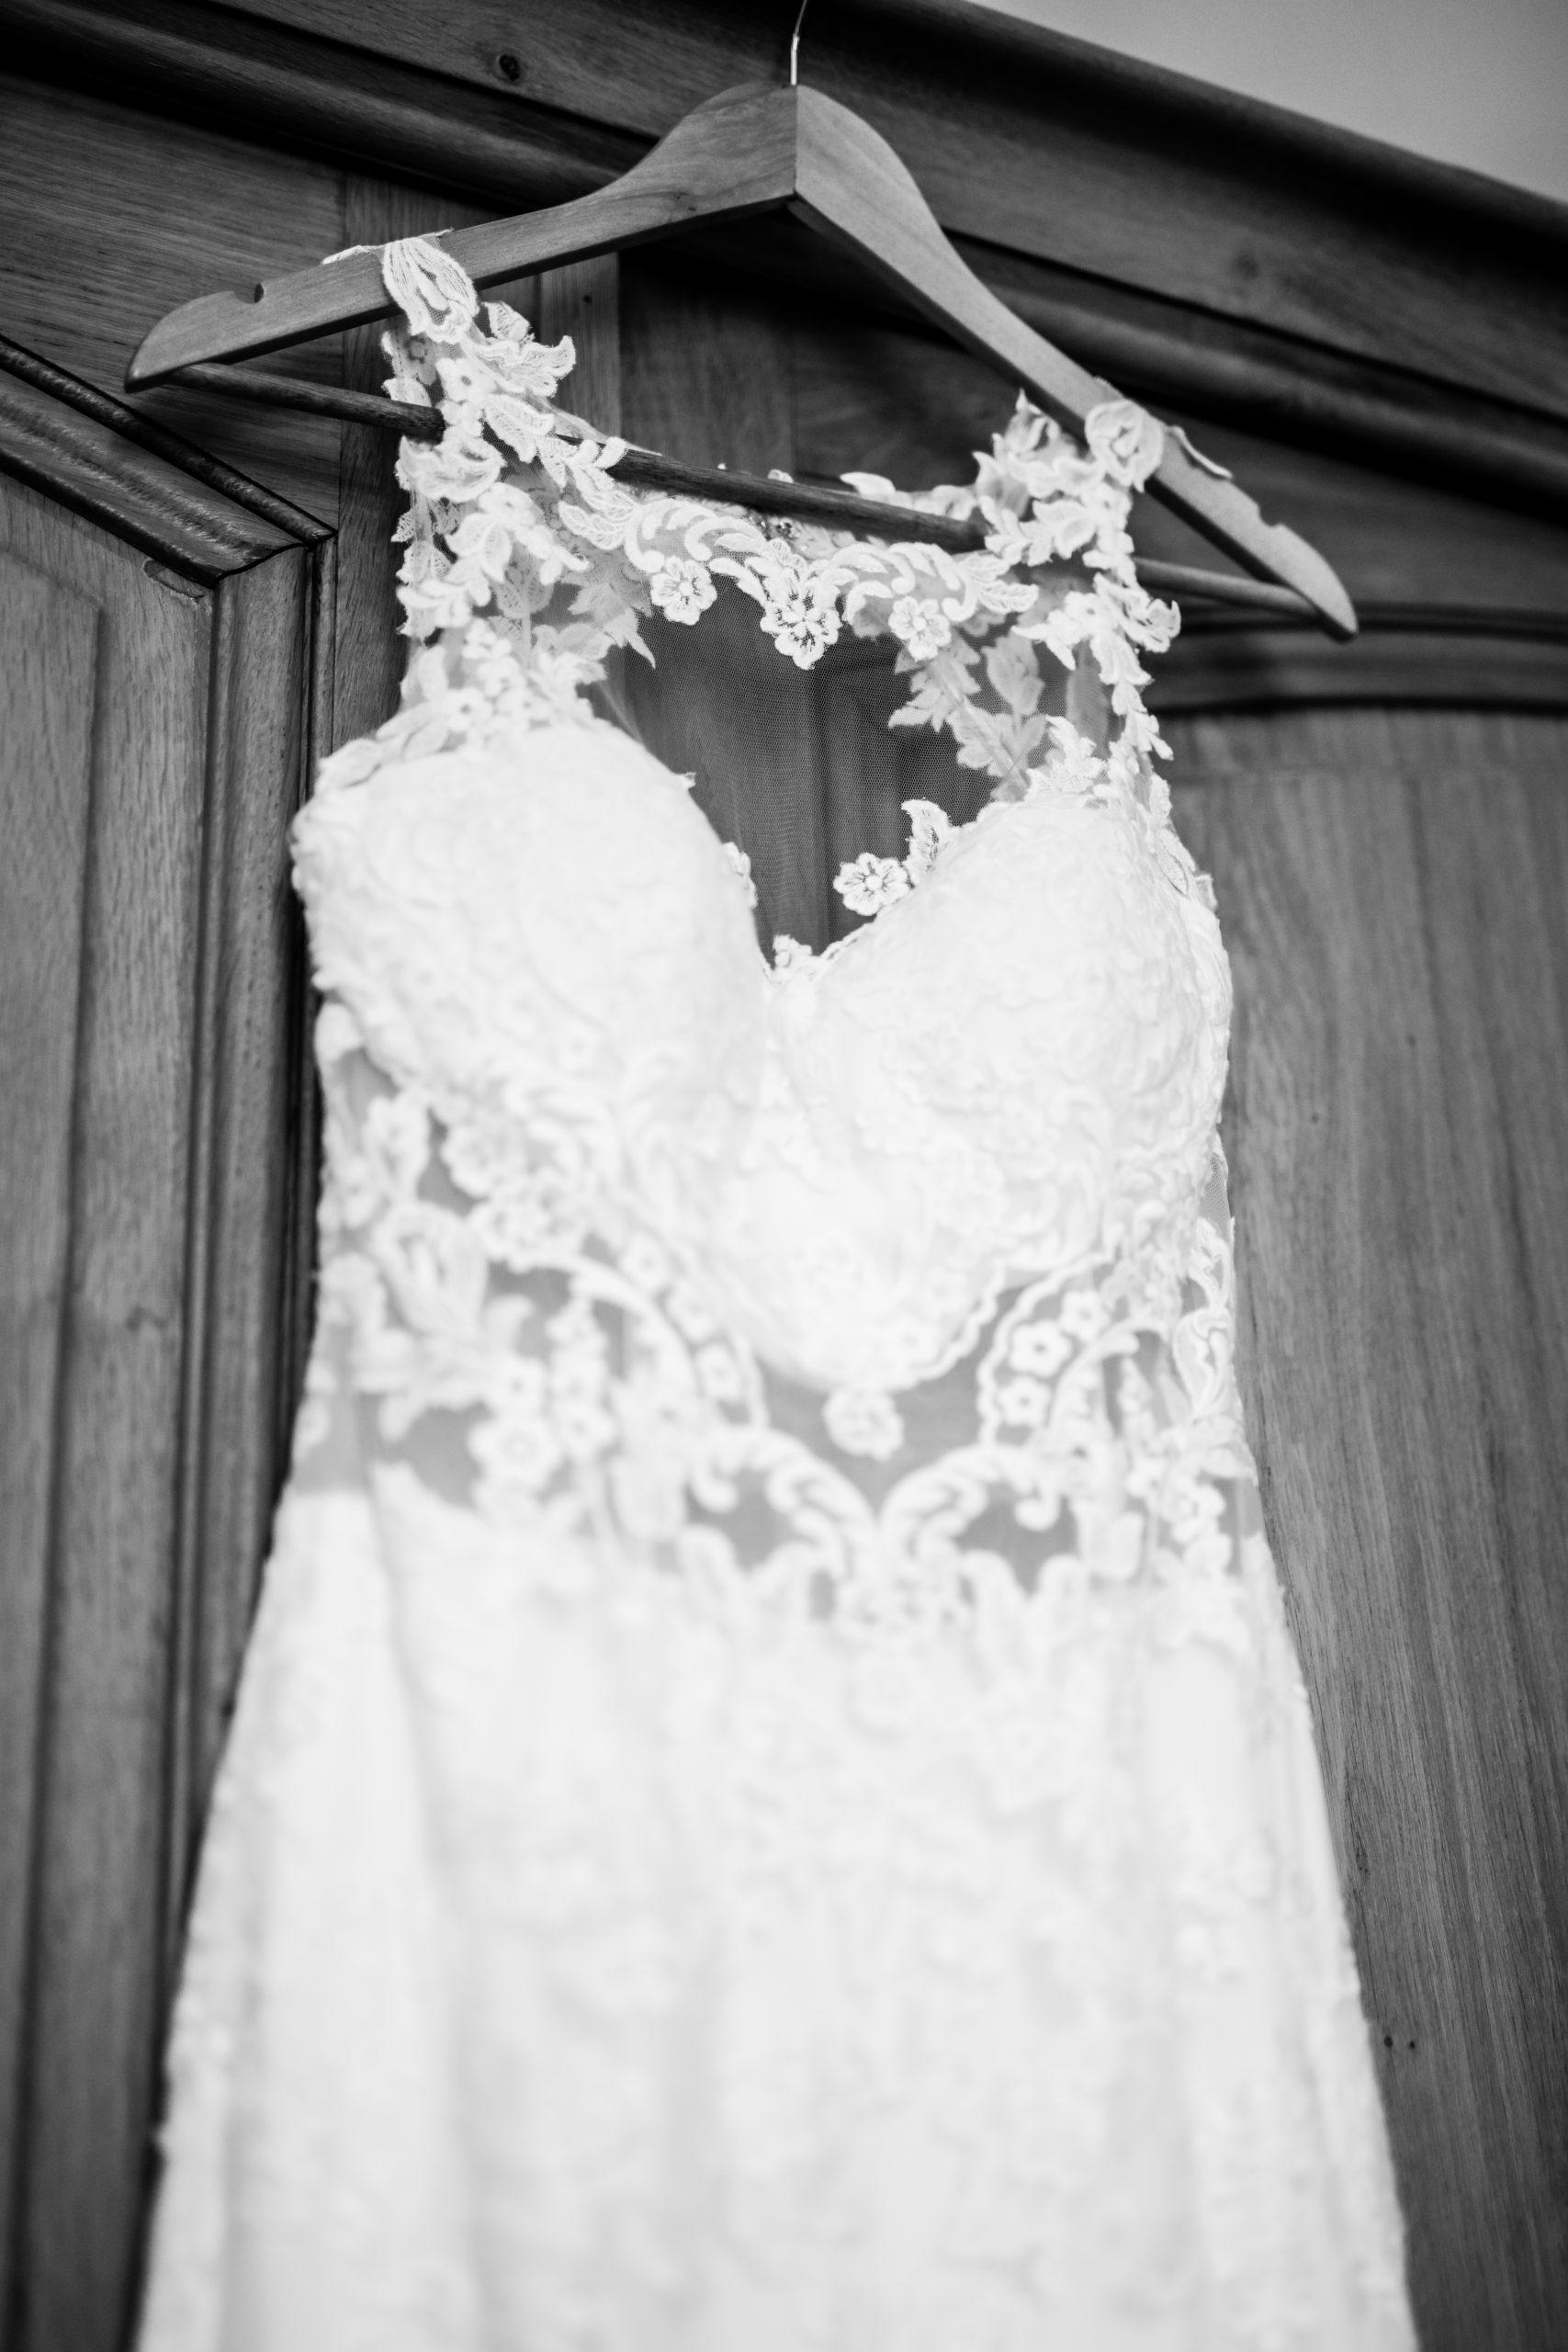 Photographe mariage - Hôtel de Bourgtheroulde - Rouen - Séance couple - mariage France - mariage intime - robe de mariée dentelle